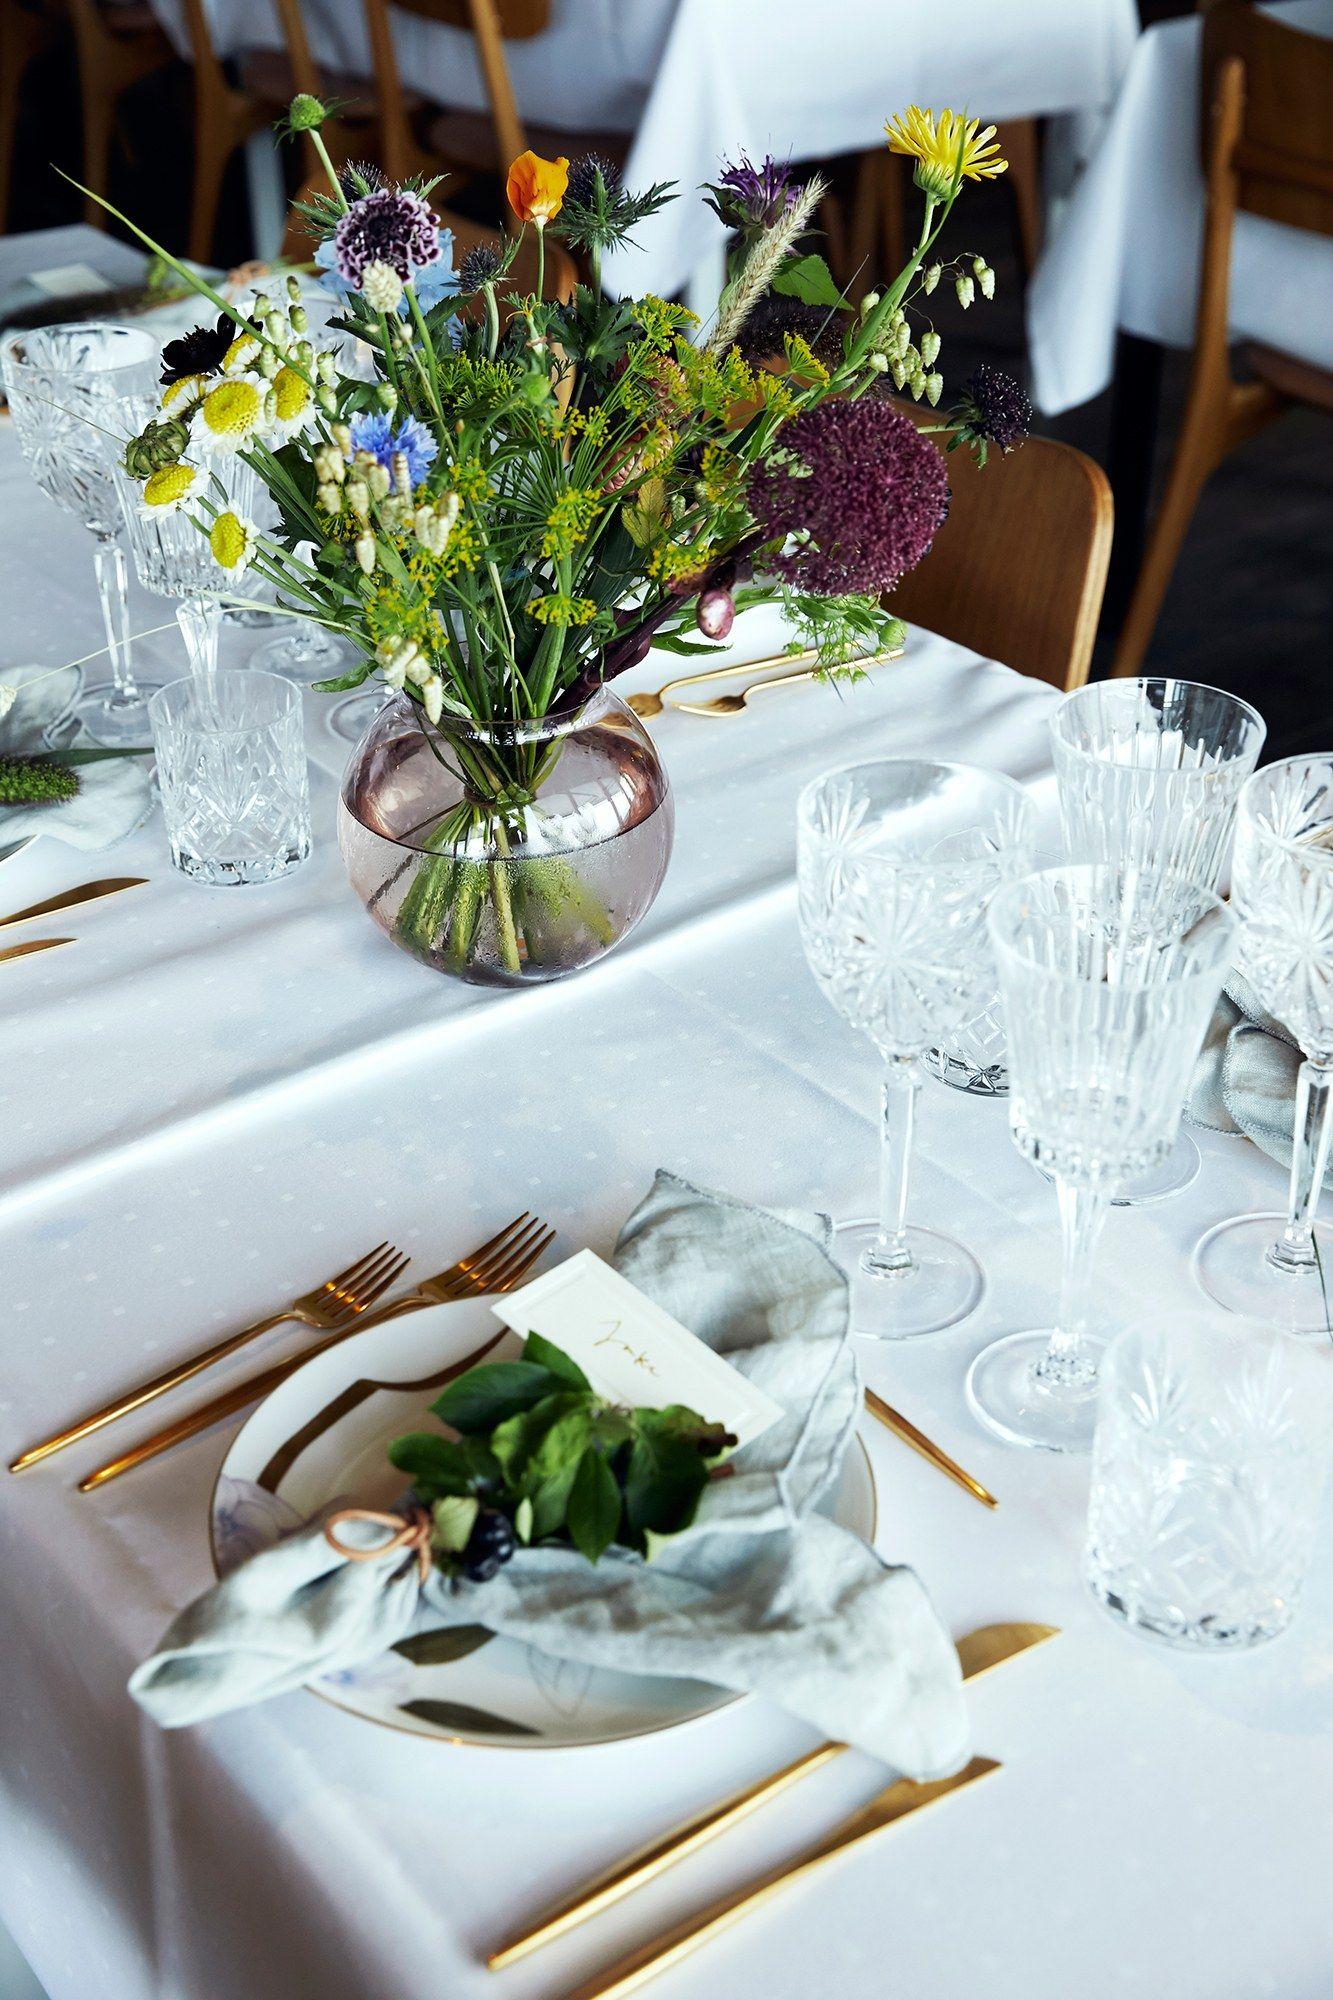 A Family Affair Blogger Pernille Teisbaek S Wedding On An Island Off The Coast Of Denmark Wedding Floral Centerpieces Wedding Table Centerpieces Simple Wedding Centerpieces